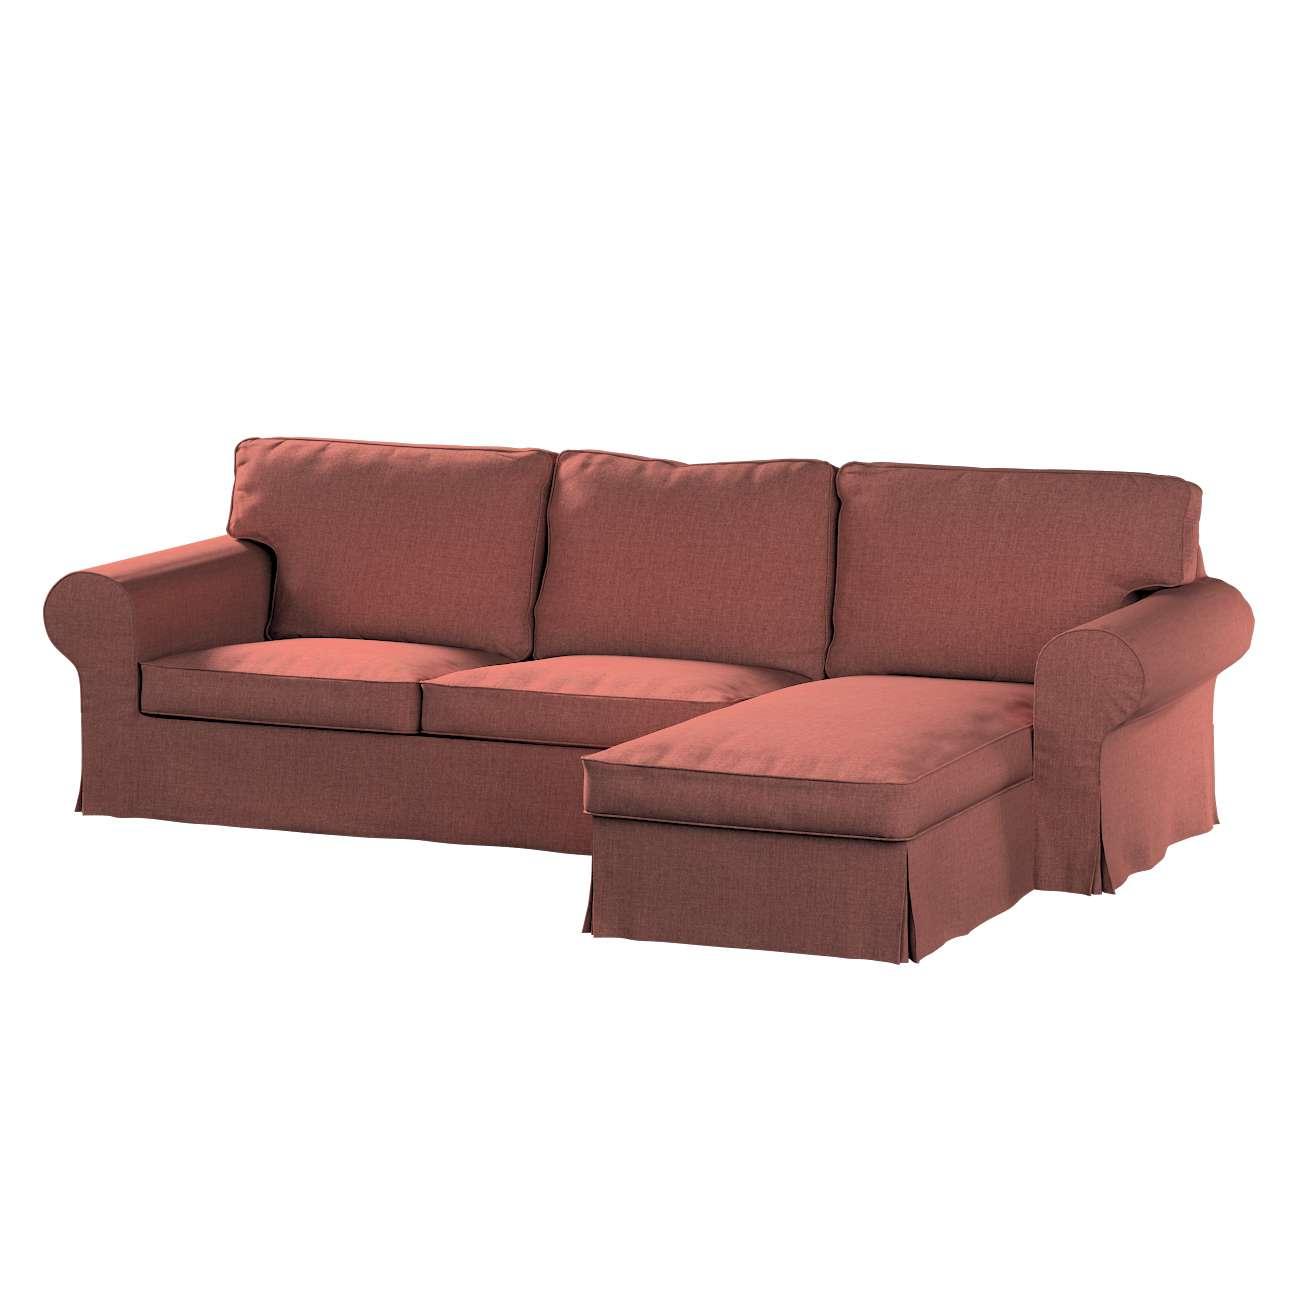 Pokrowiec na sofę Ektorp 2-osobową i leżankę w kolekcji City, tkanina: 704-84